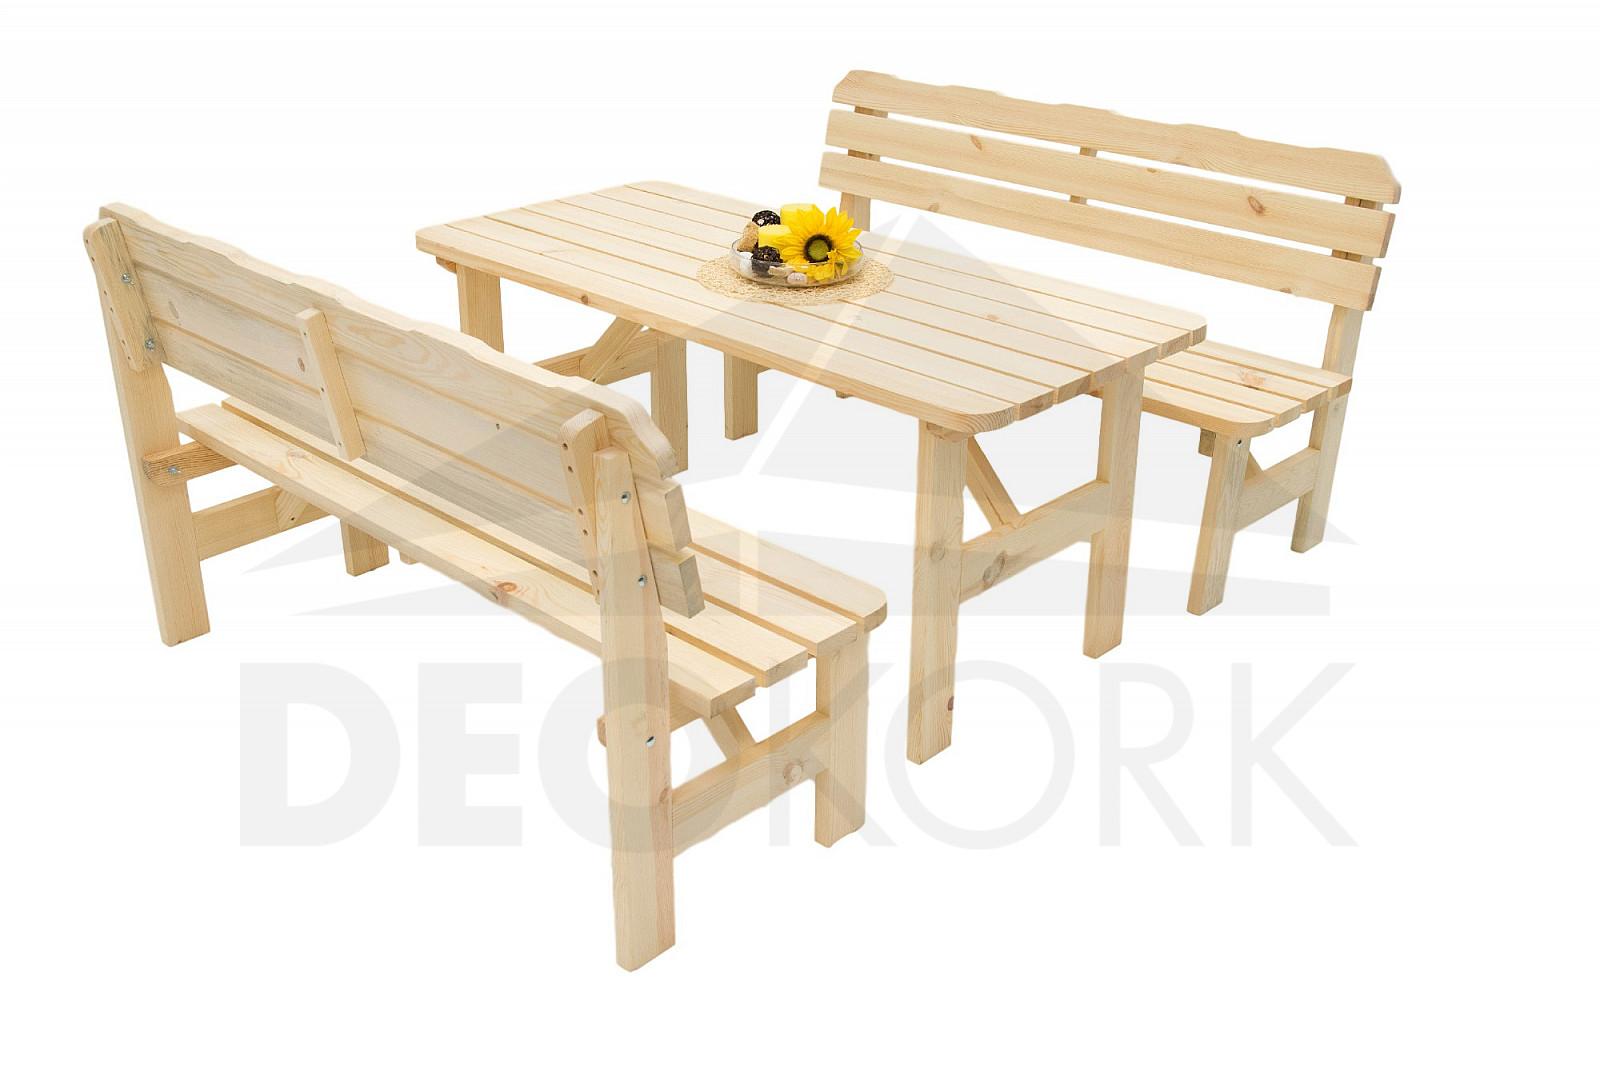 150a40eca877 Masívna drevená záhradná zostava z borovice 1+2 drevo 32 mm